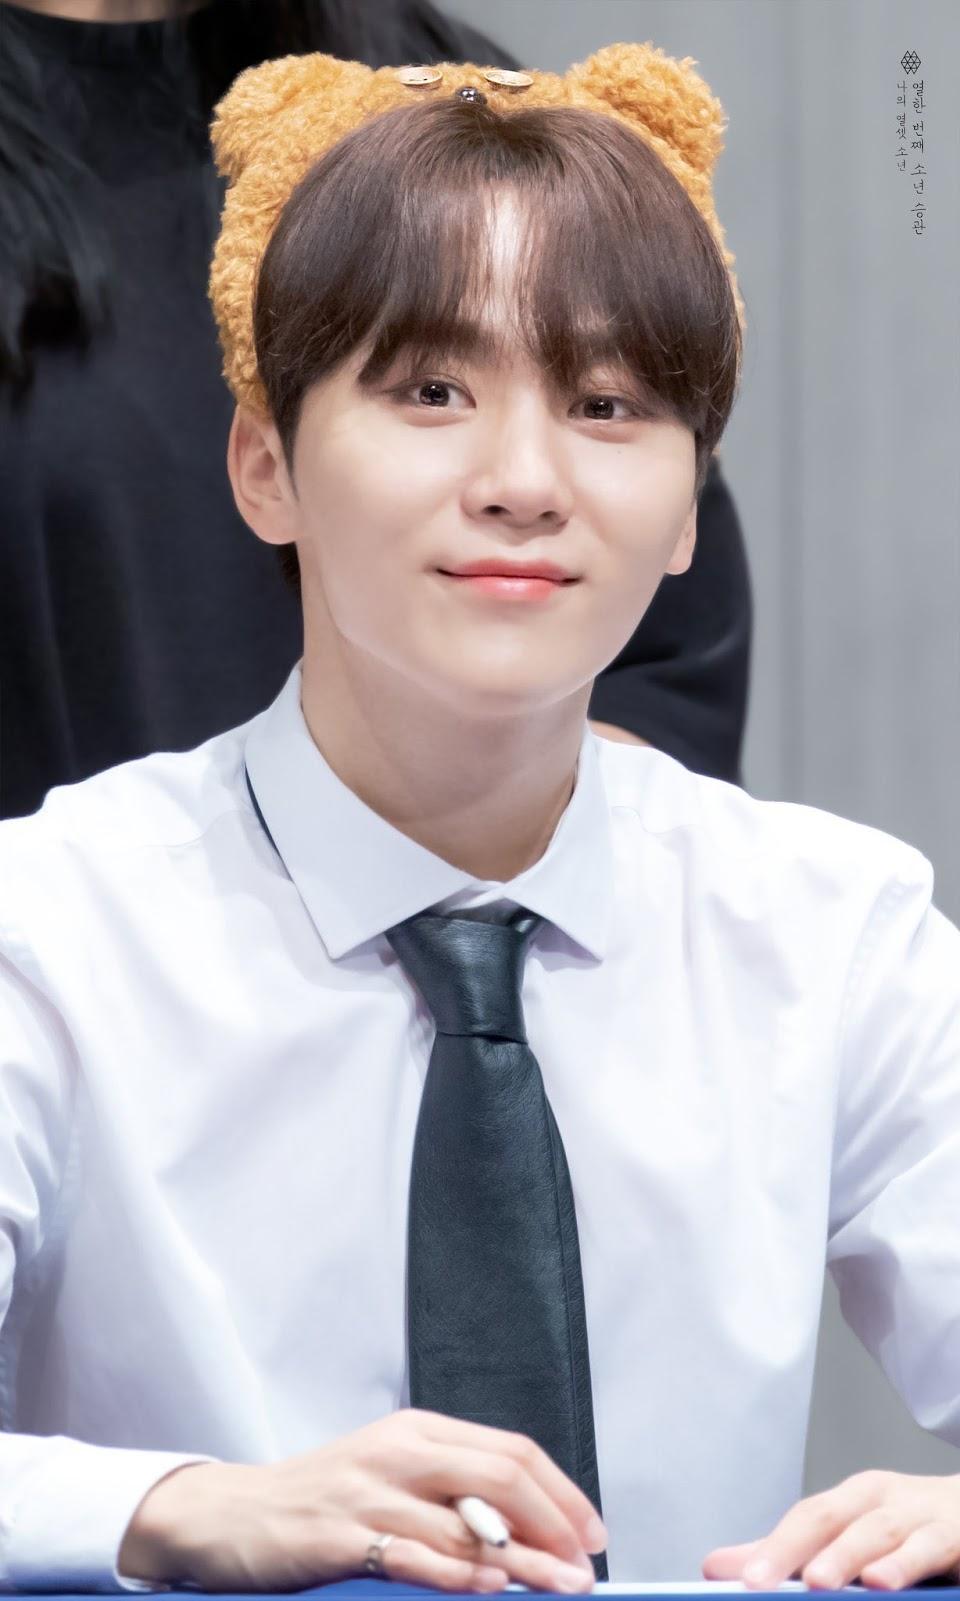 seventeen seungkwan 1